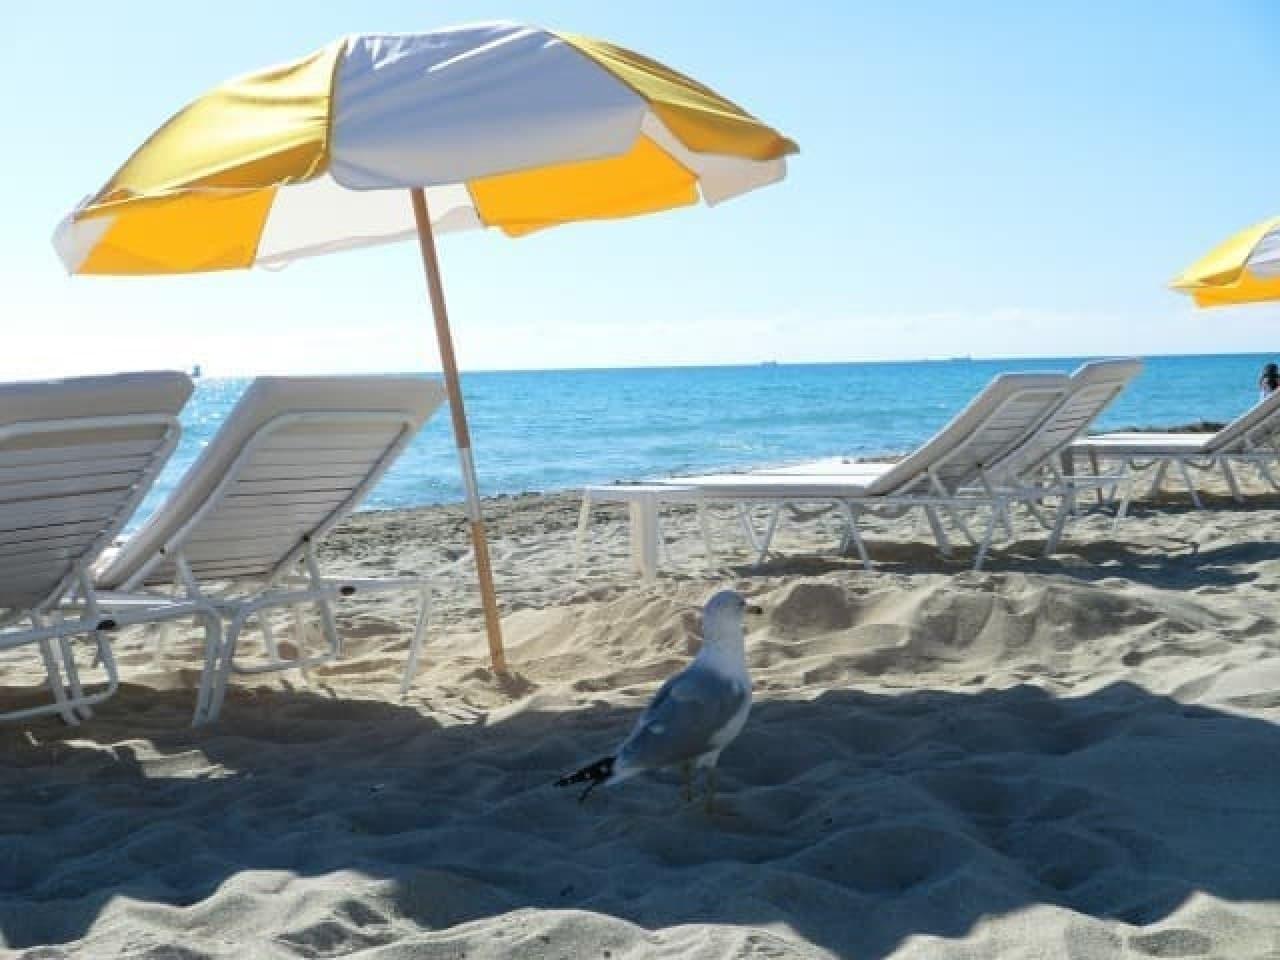 日焼けを防ぐ折り畳みビーチシェード「Shader」